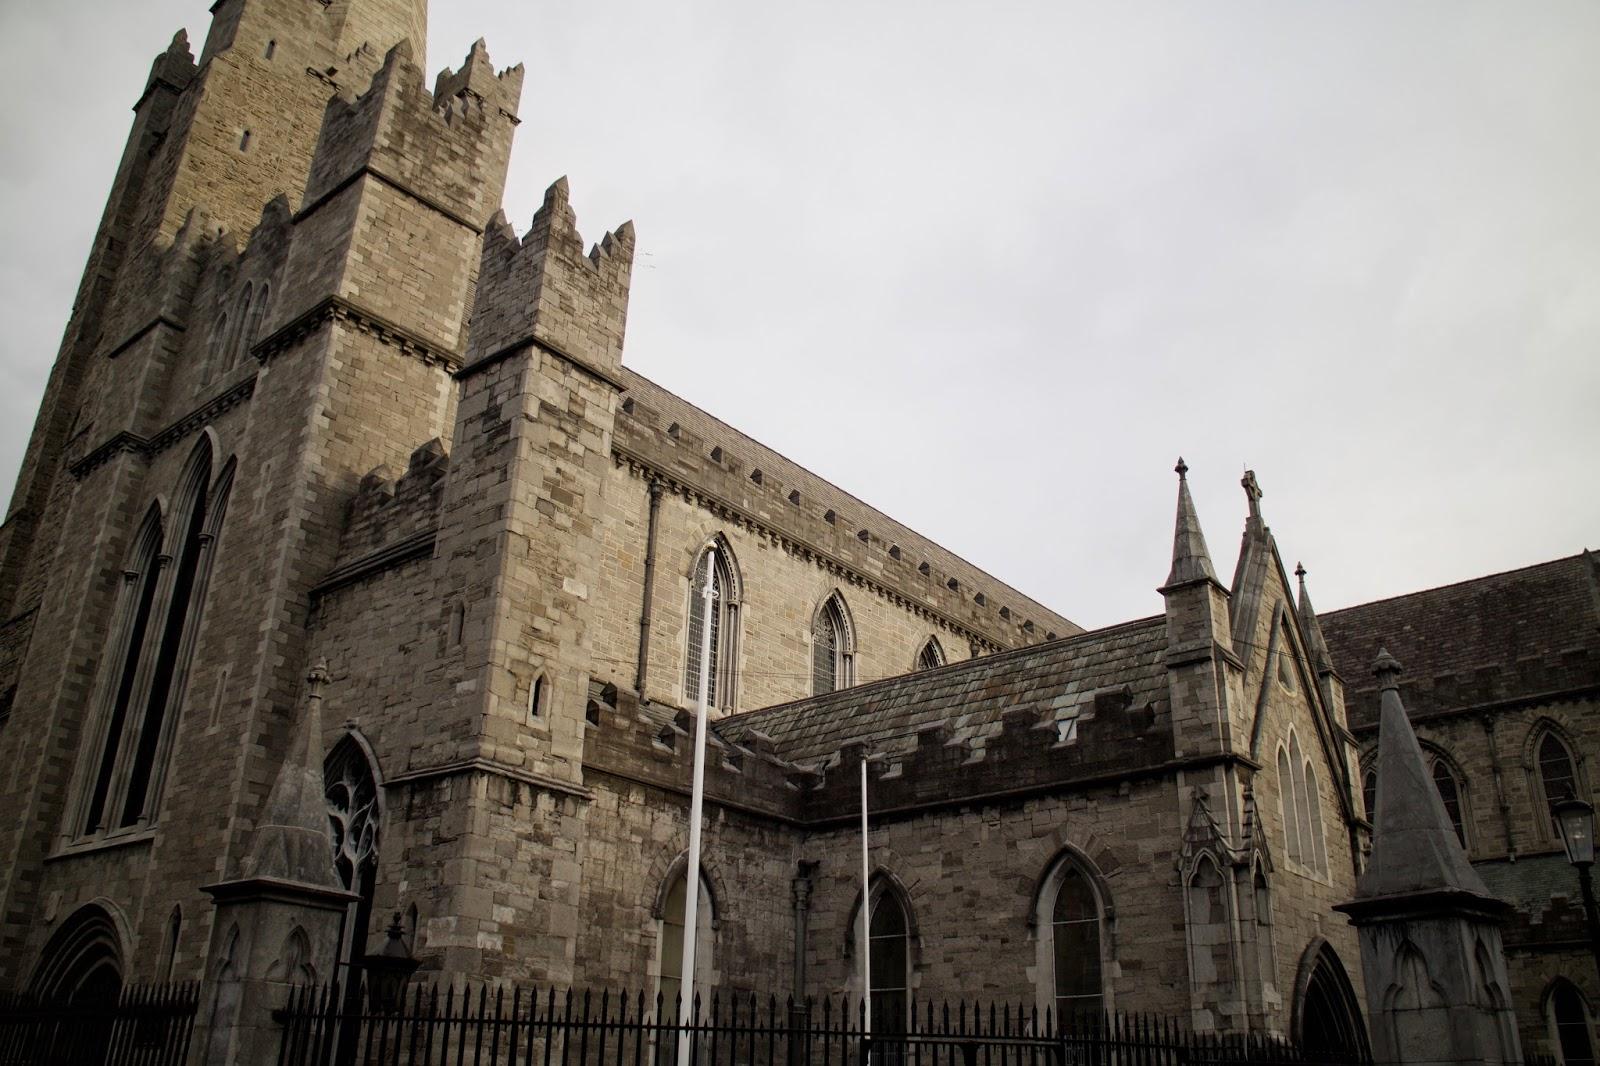 Ireland Day 4: Exploring More of Dublin